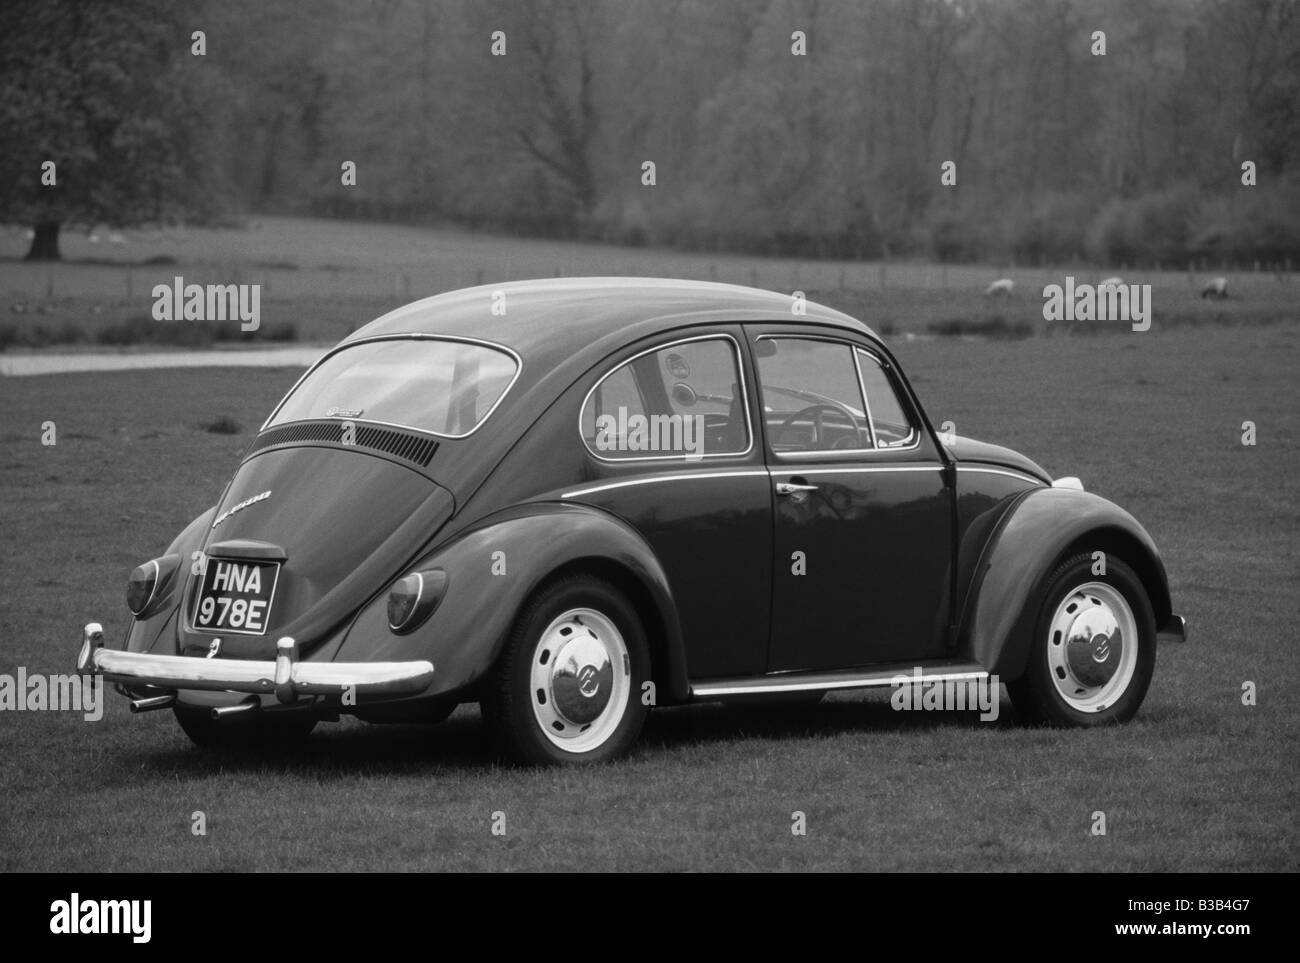 Volkswagen Beetle 1500 of 1967. - Stock Image